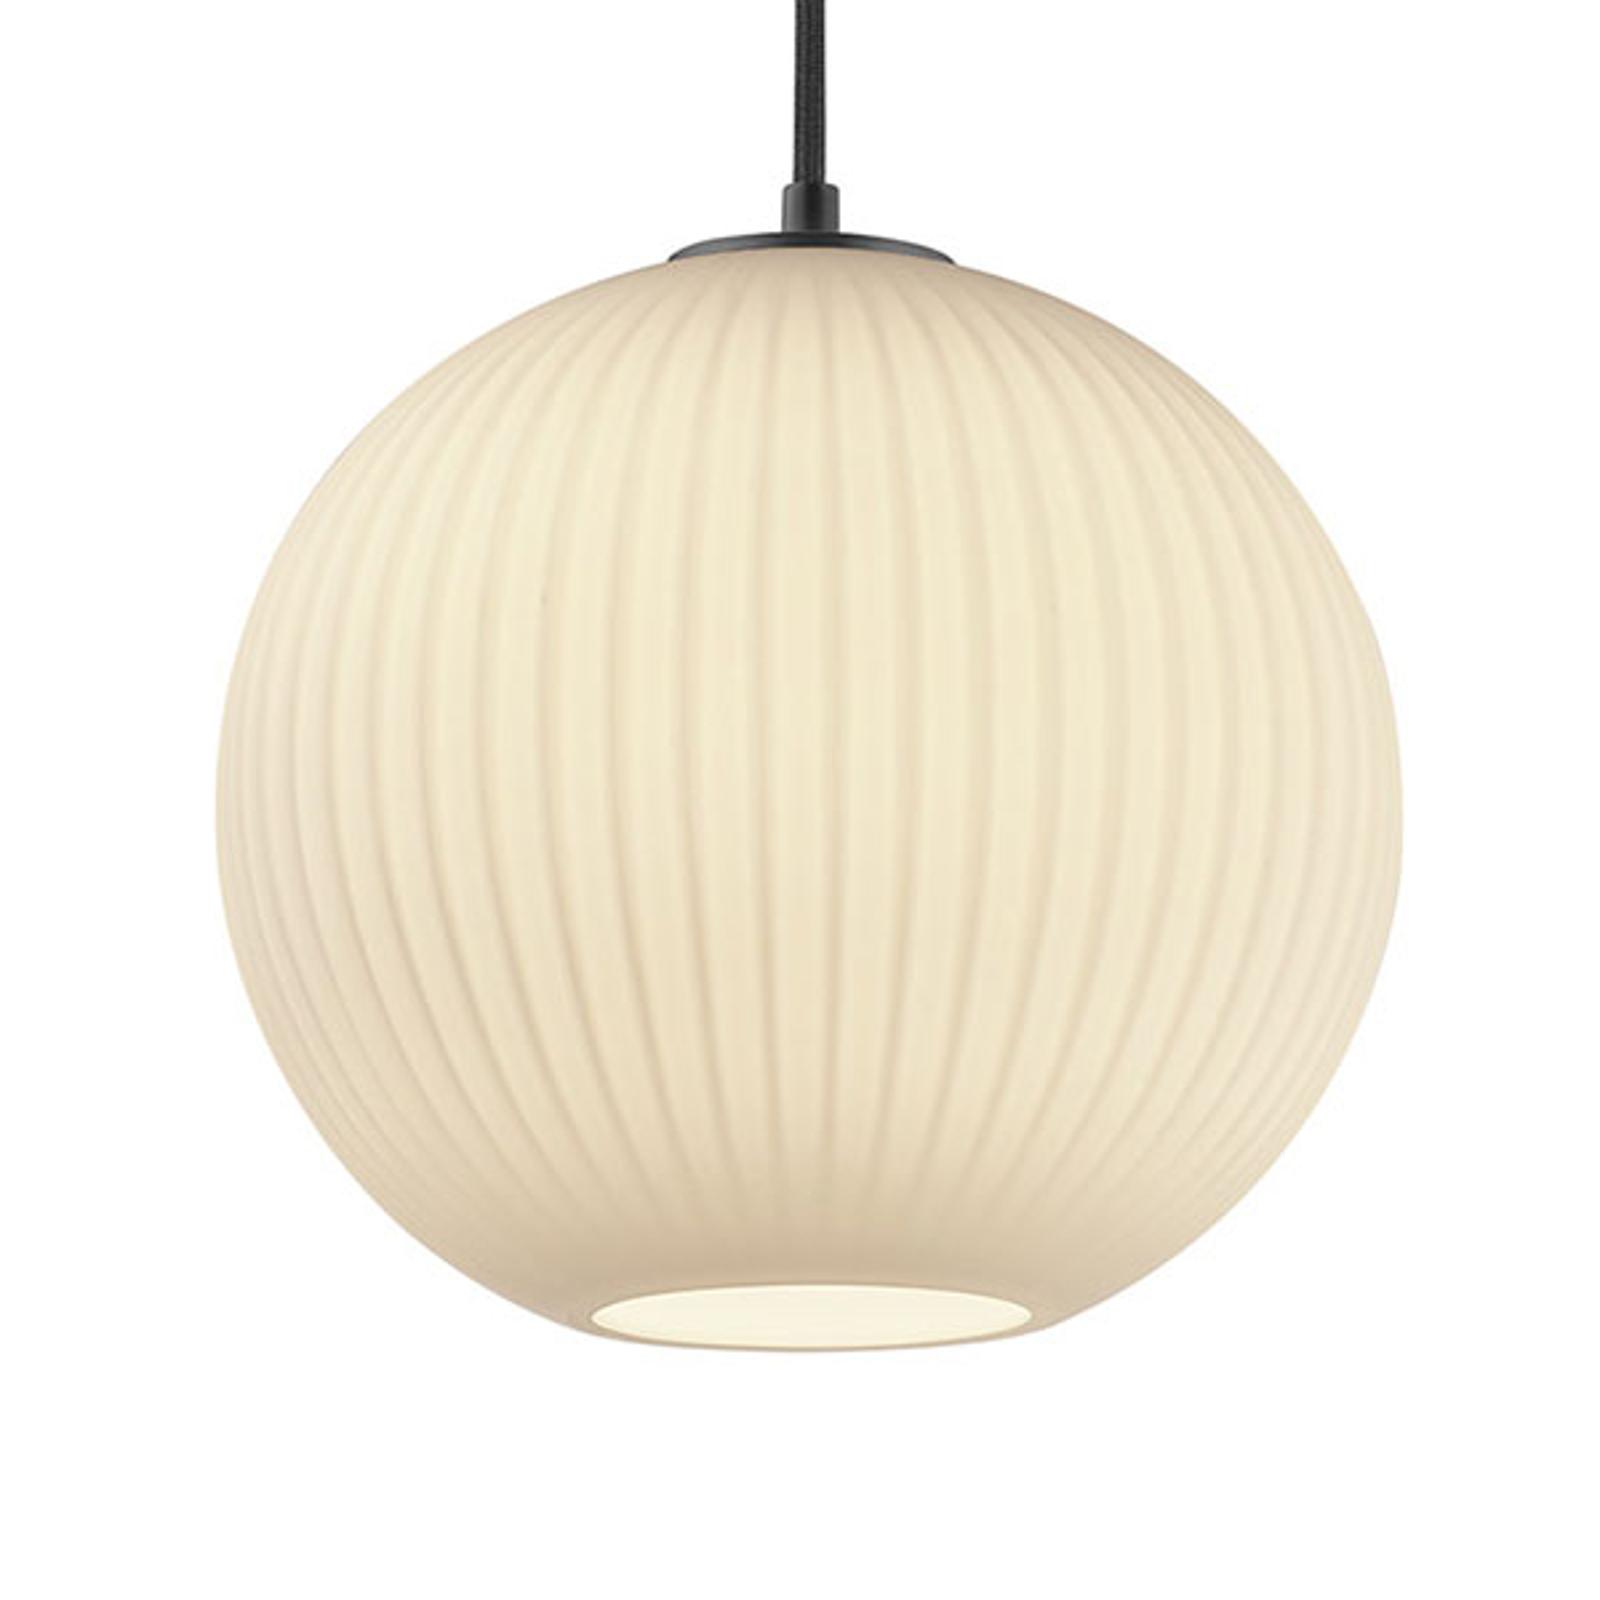 B-Leuchten Loft lampa wisząca, 1-punktowa